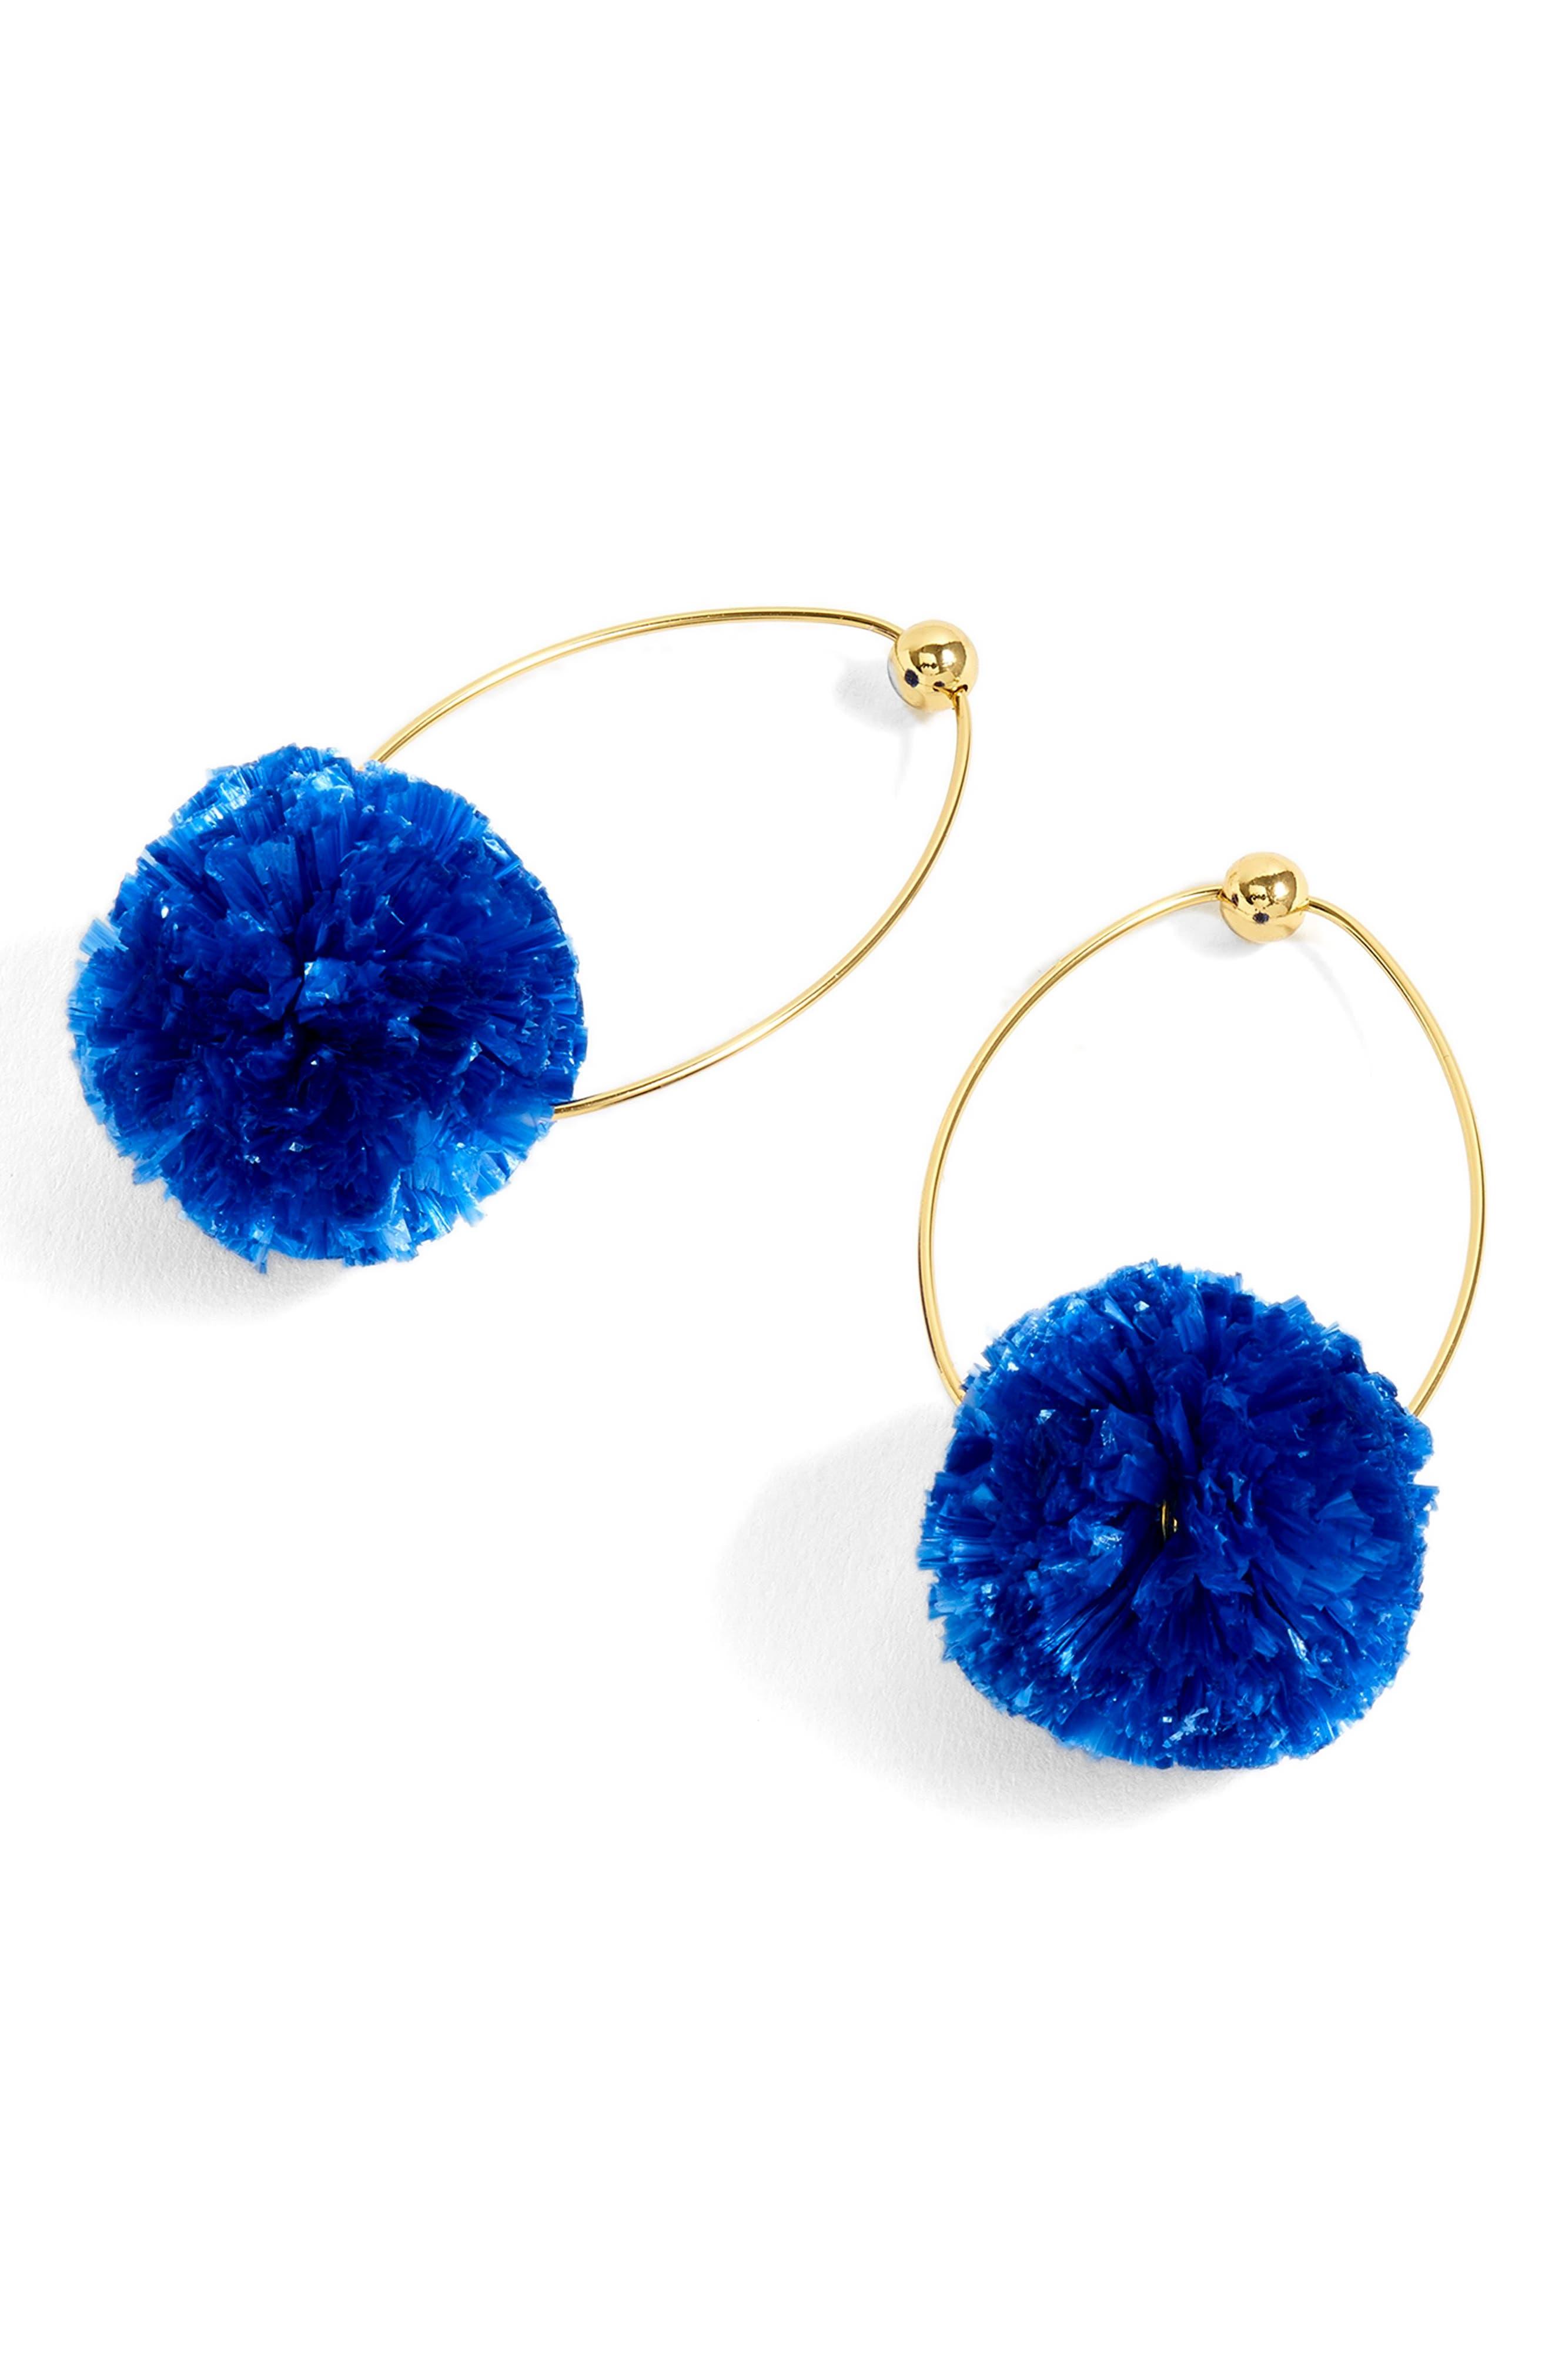 Dandy Drop Earrings,                             Main thumbnail 2, color,